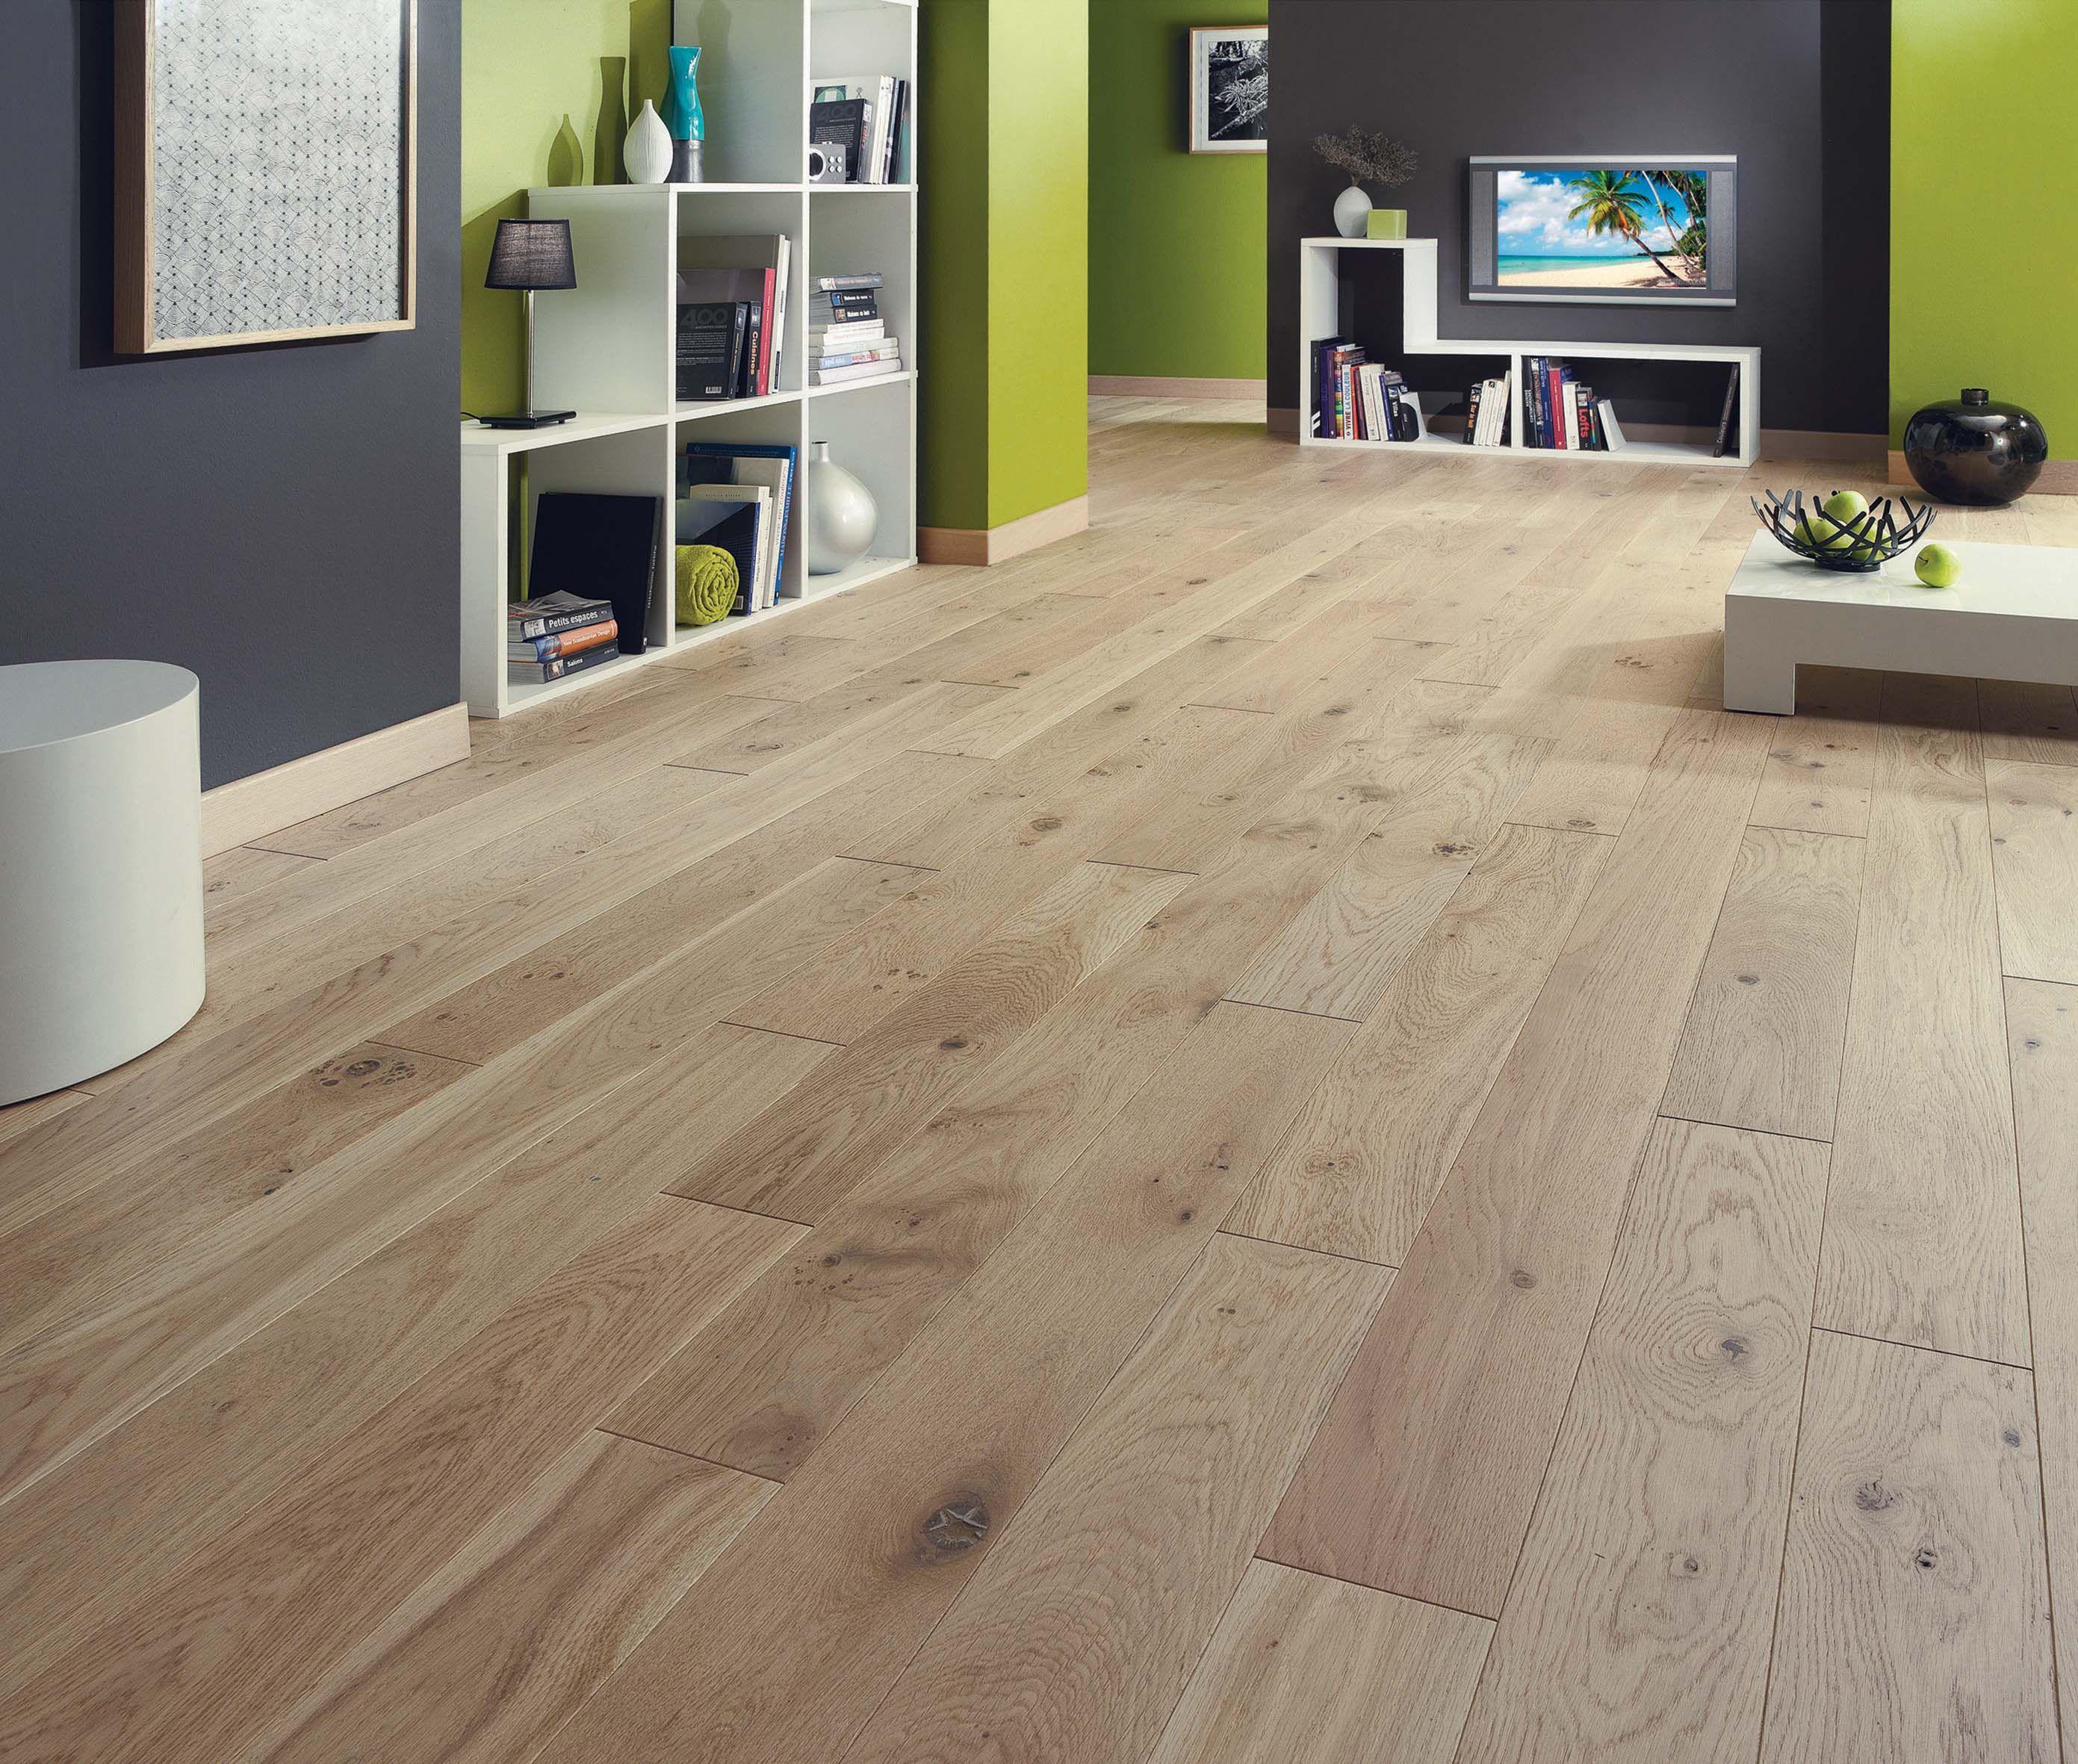 parquet ch ne contrecoll bois flott bross verni parquet ch ne pinterest parquet. Black Bedroom Furniture Sets. Home Design Ideas